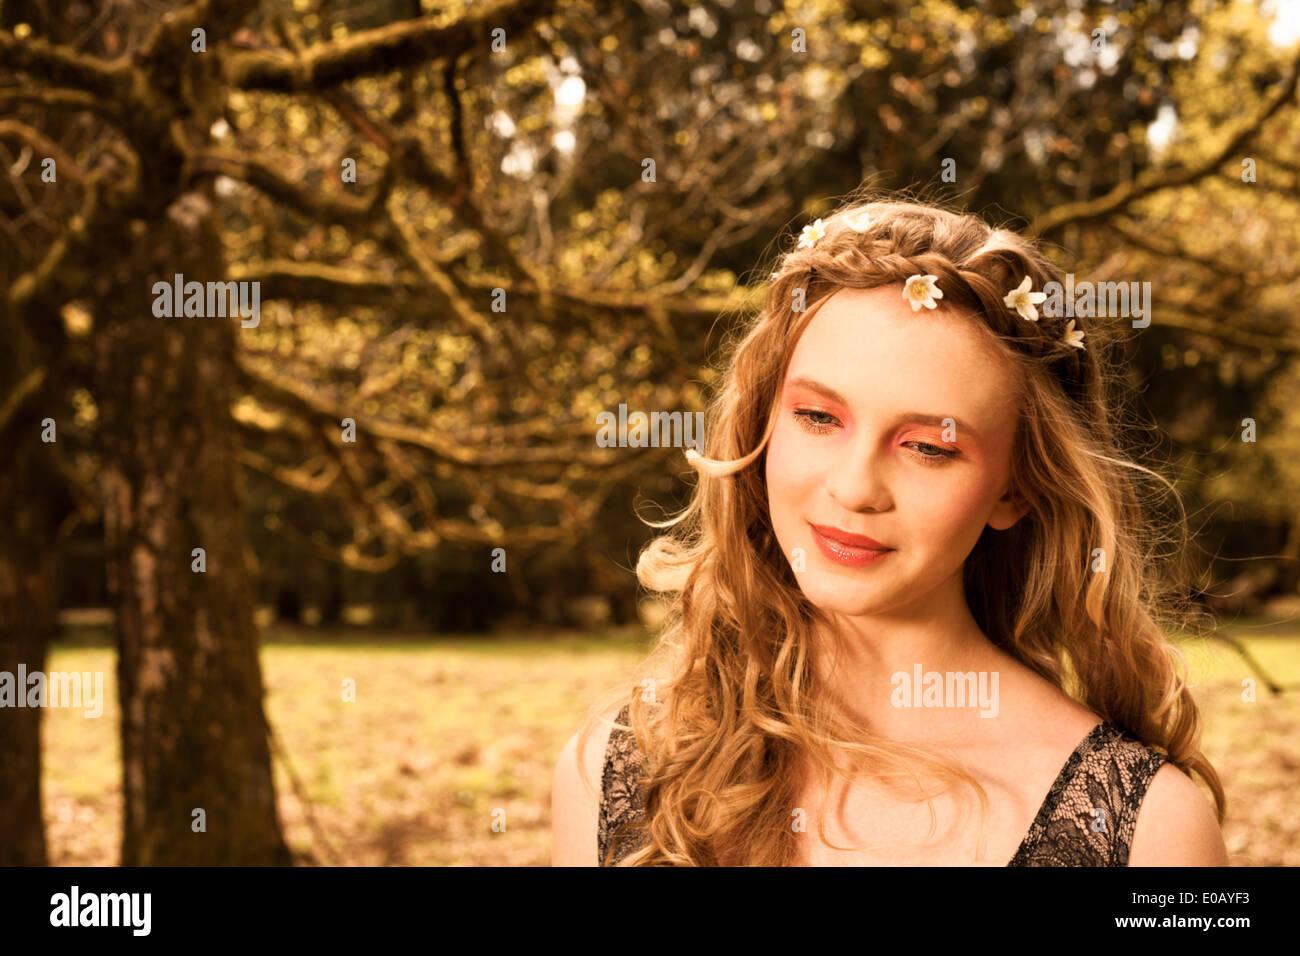 Portrait de la rêverie jeune femme avec des fleurs dans les cheveux Photo Stock